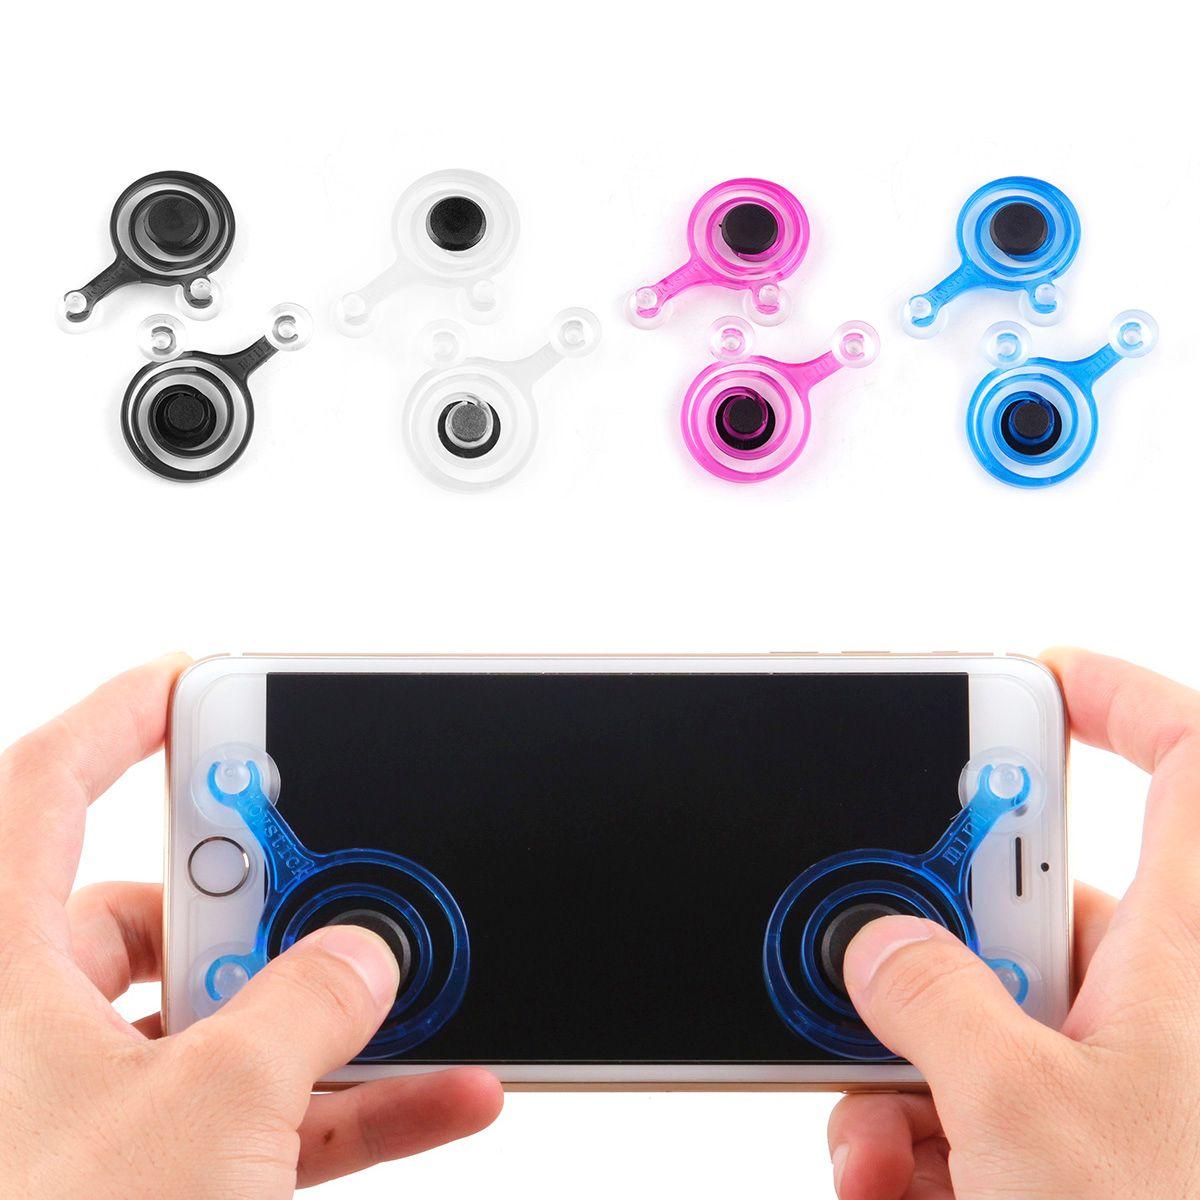 giochi per cellulari joystick giochi artefatto tasto del telefono tablet corsa della mano Android ventosa Re di gloria